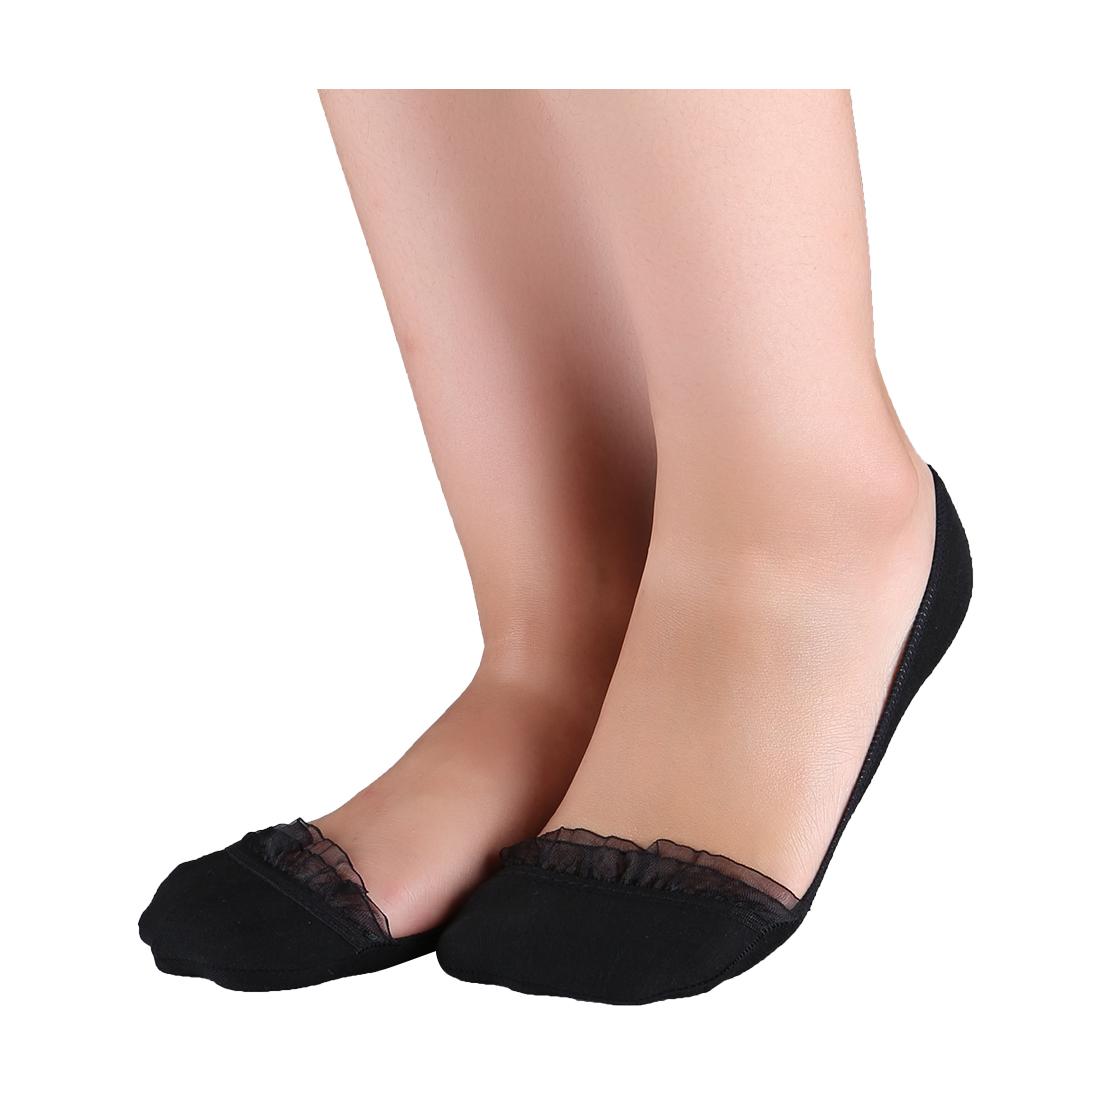 Women 10 pair Floral Lace Decor Low Cut Boat Socks 10-12 Black